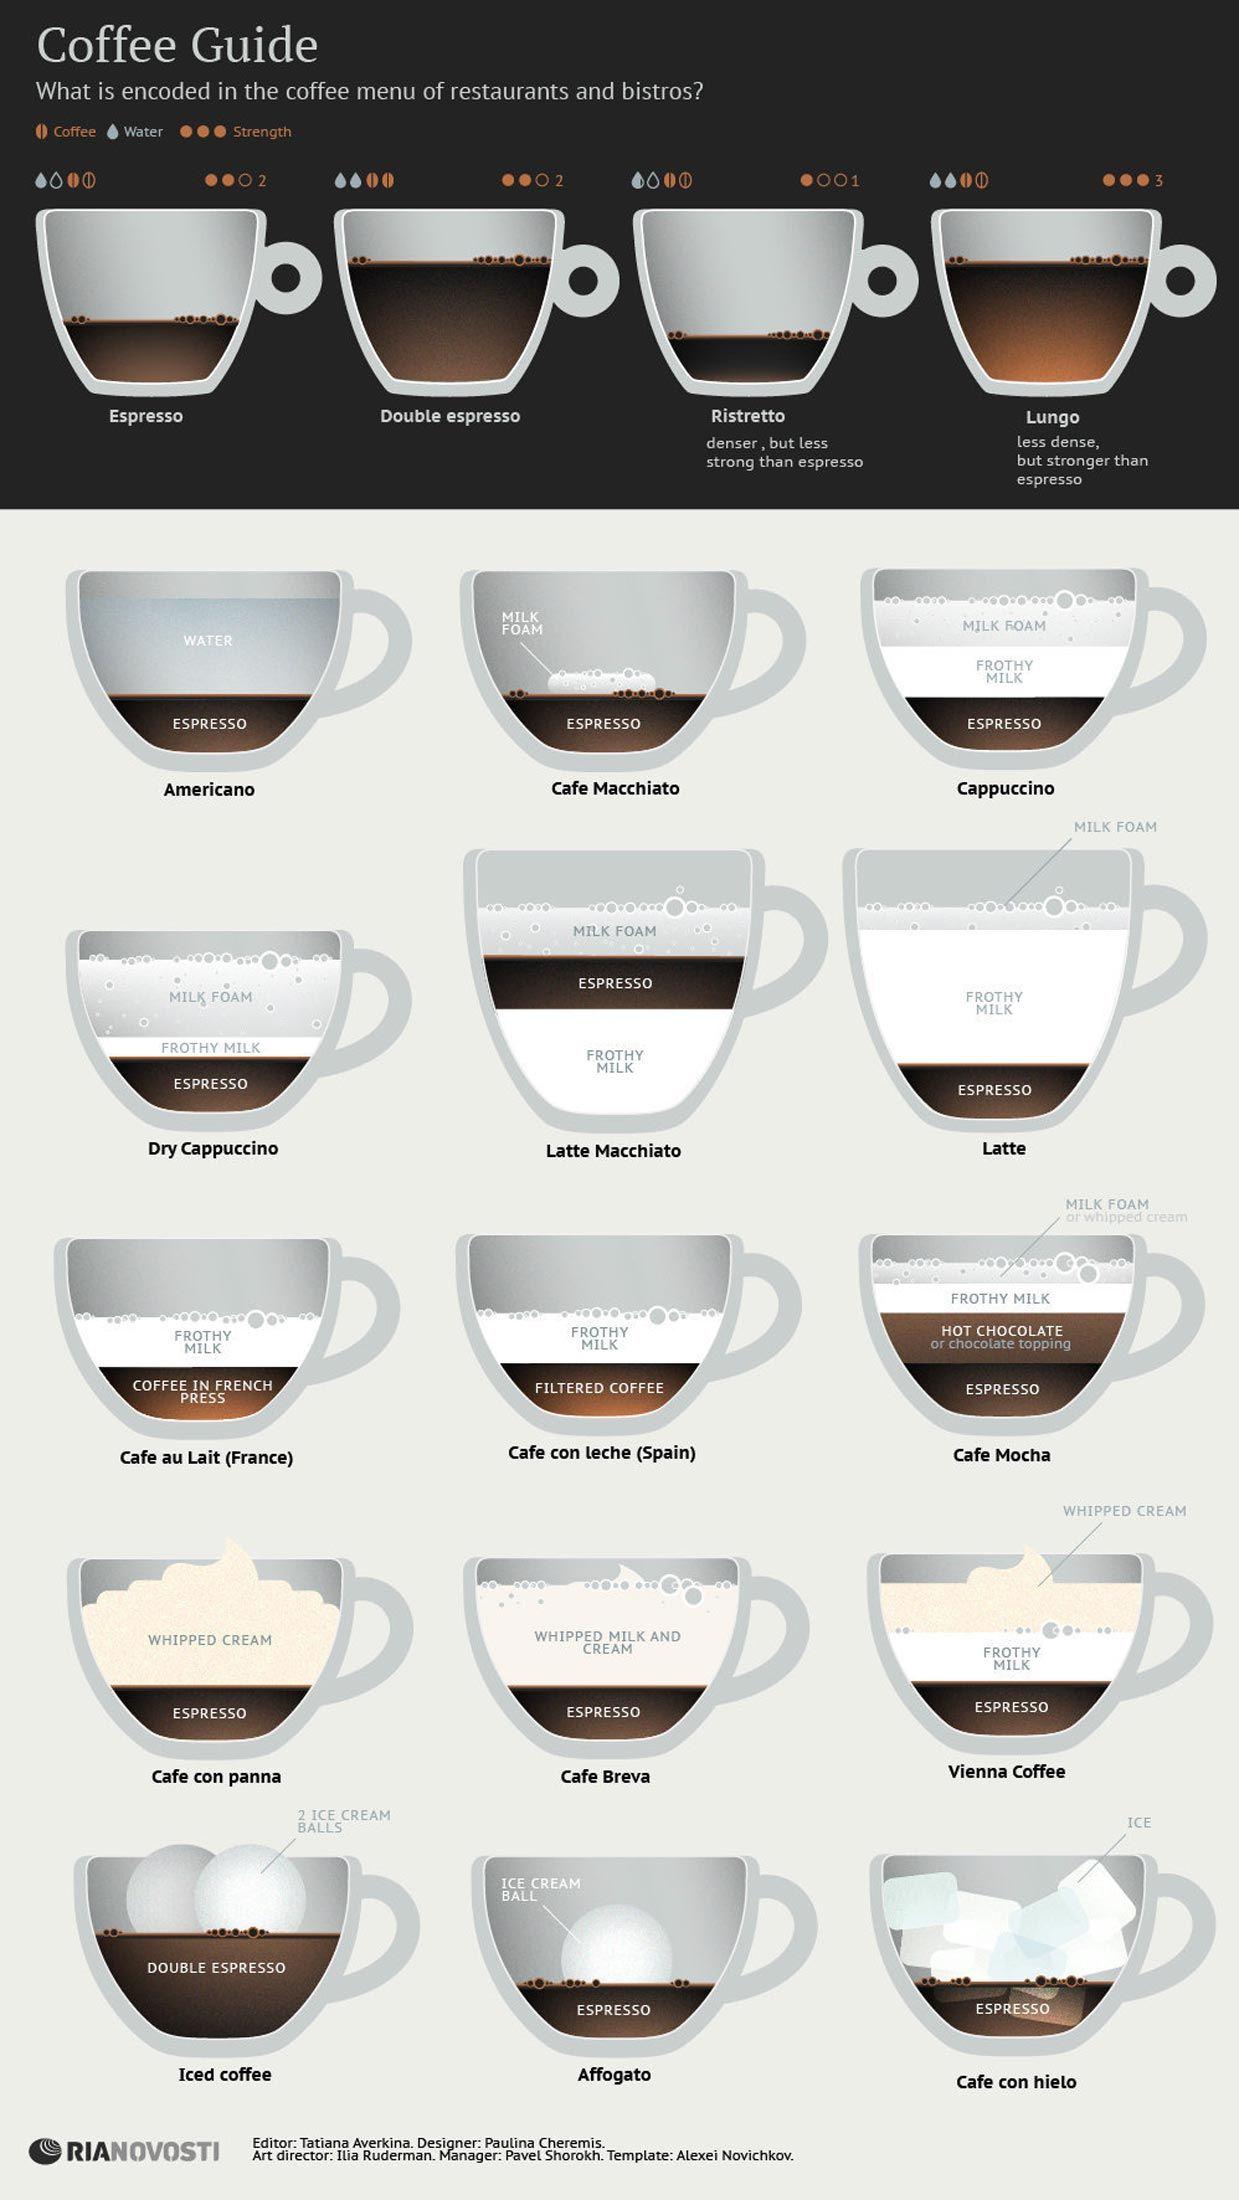 Vergleich und Übersicht verschiedener Kaffee-Arten mit Infografik